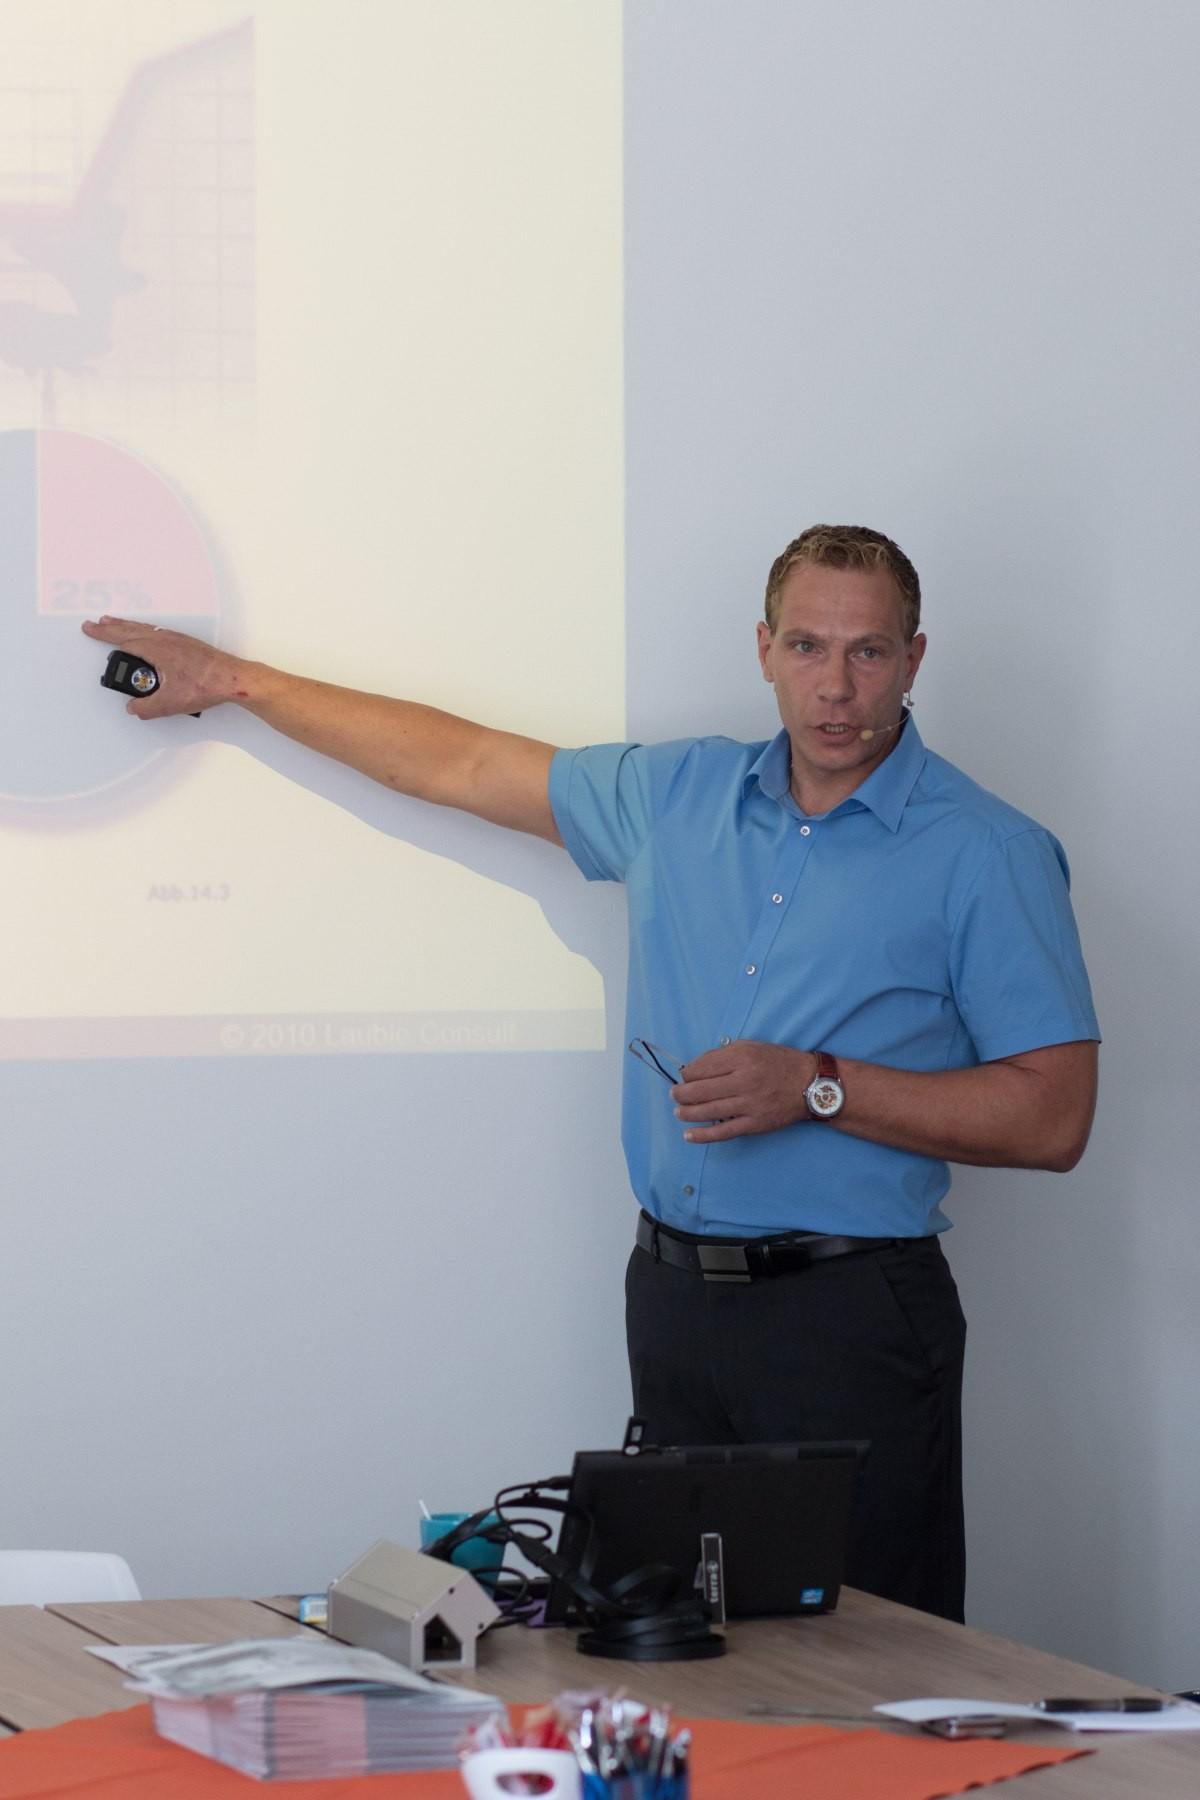 Martin Lauble während seiner Präsentation